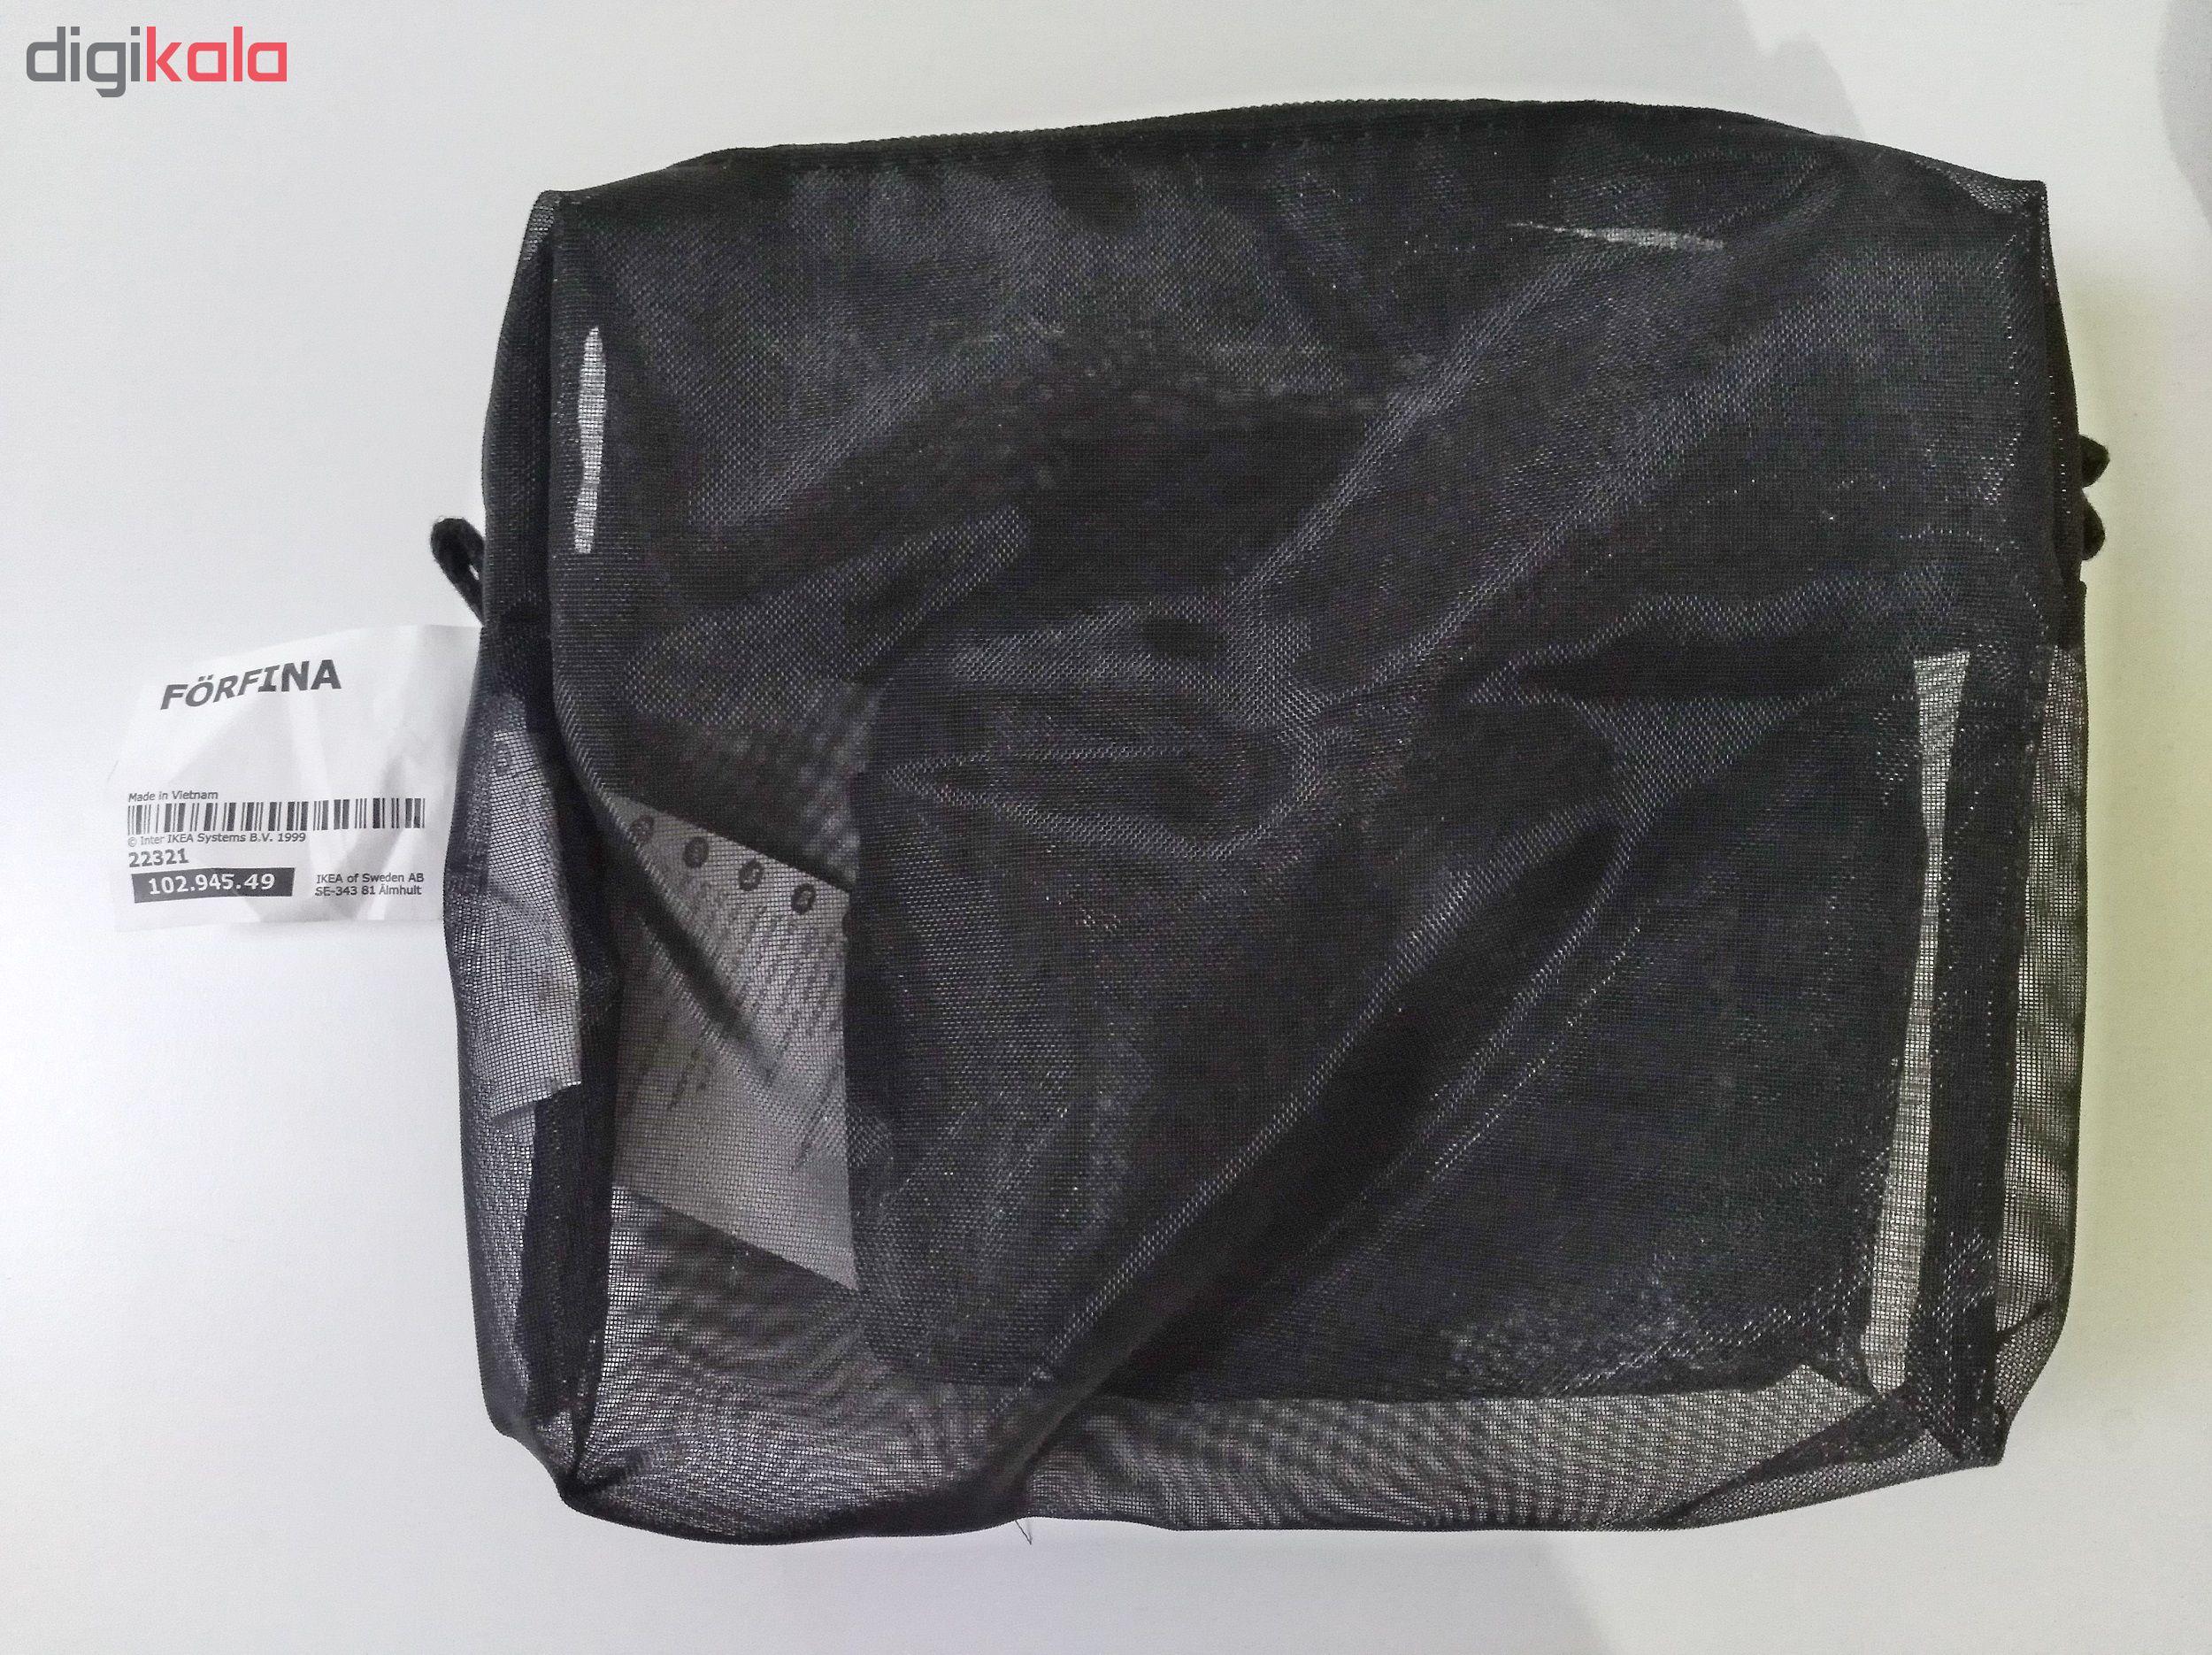 کیف لوازم شخصی ایکیا مدل FORFINA مجموعه 3 عددی